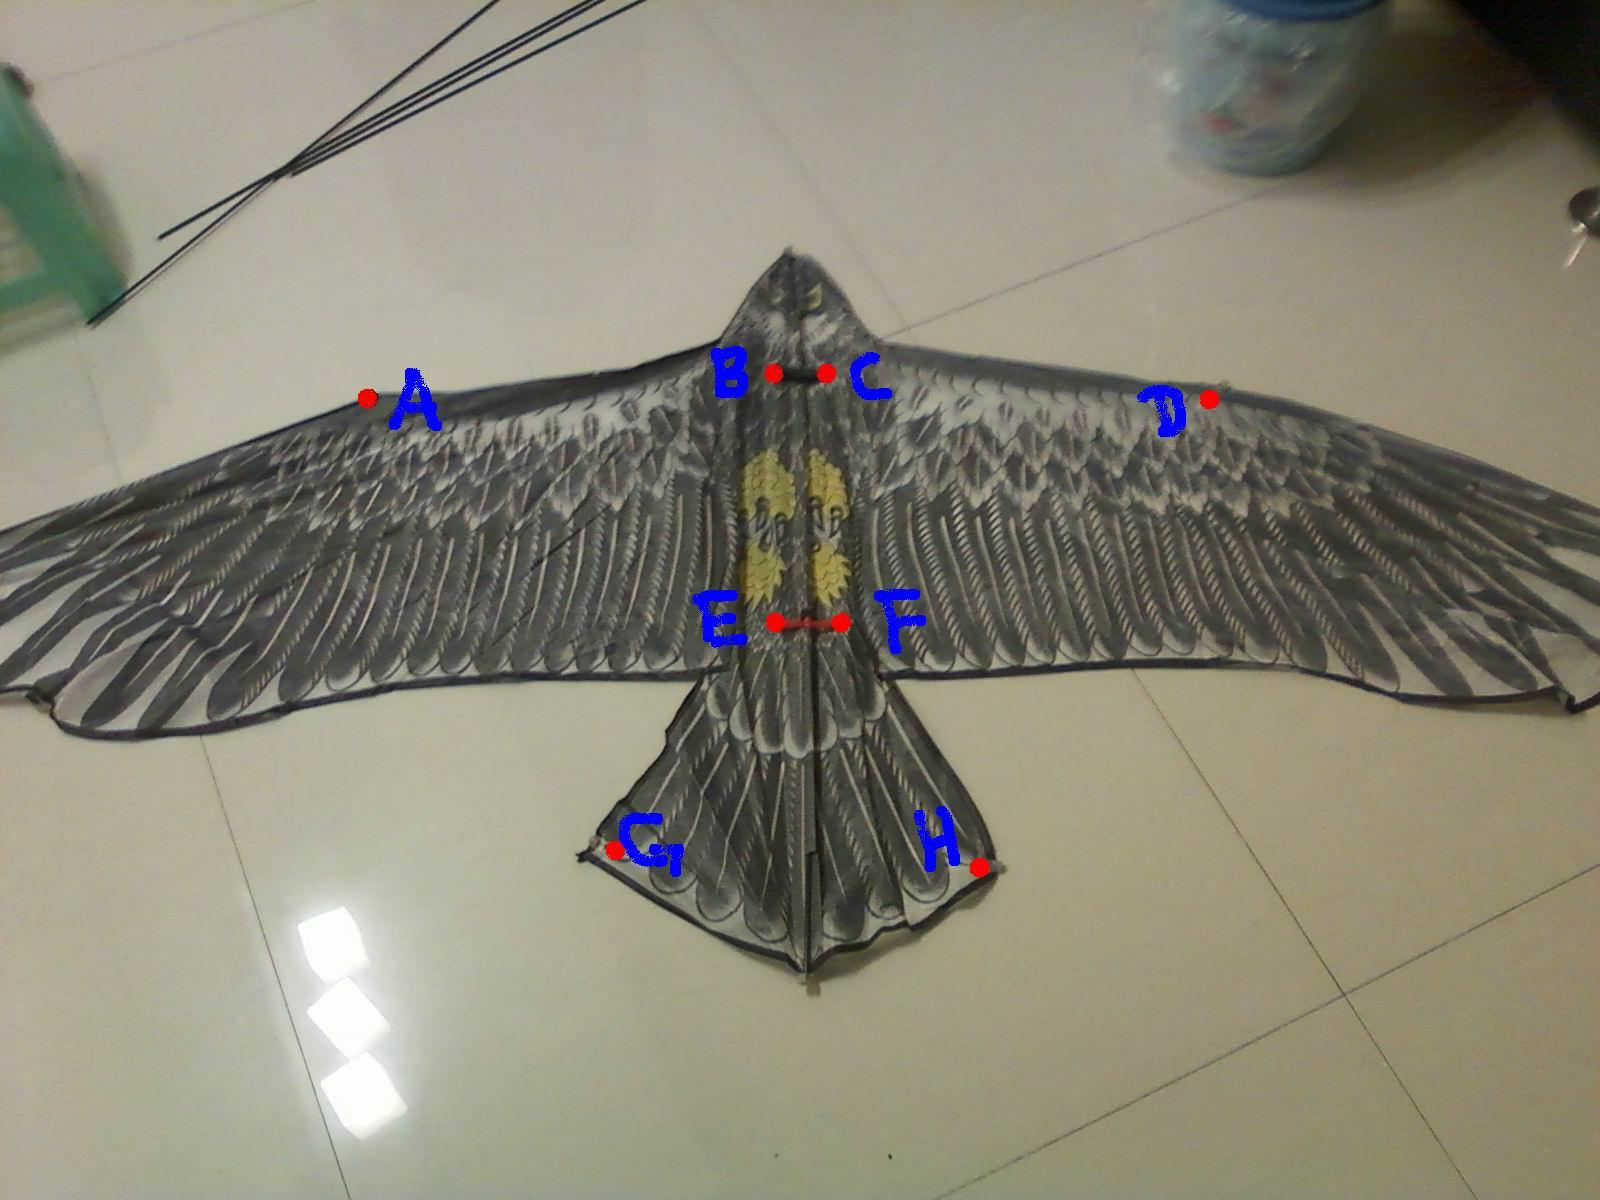 风筝的制作方法 简易风筝的制作方法 飞机风筝的制作方法